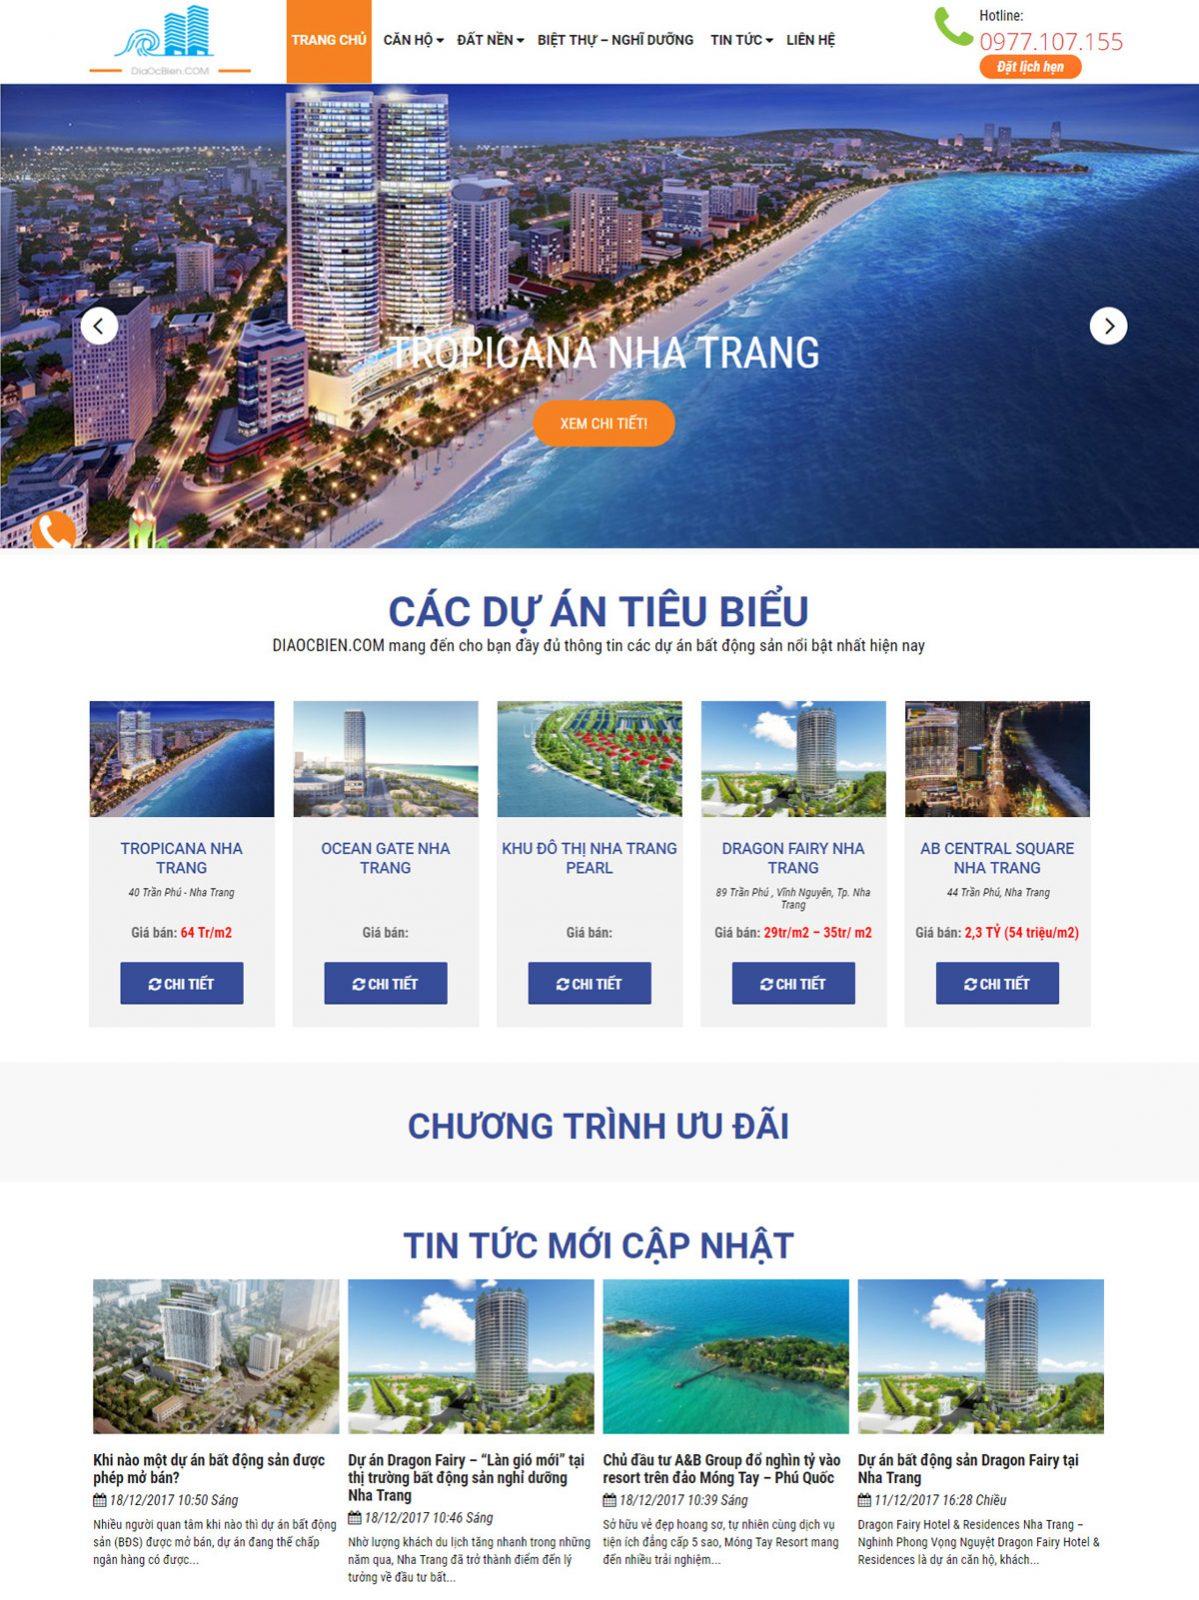 những mẫu trang web bất động sản đẹp nhất